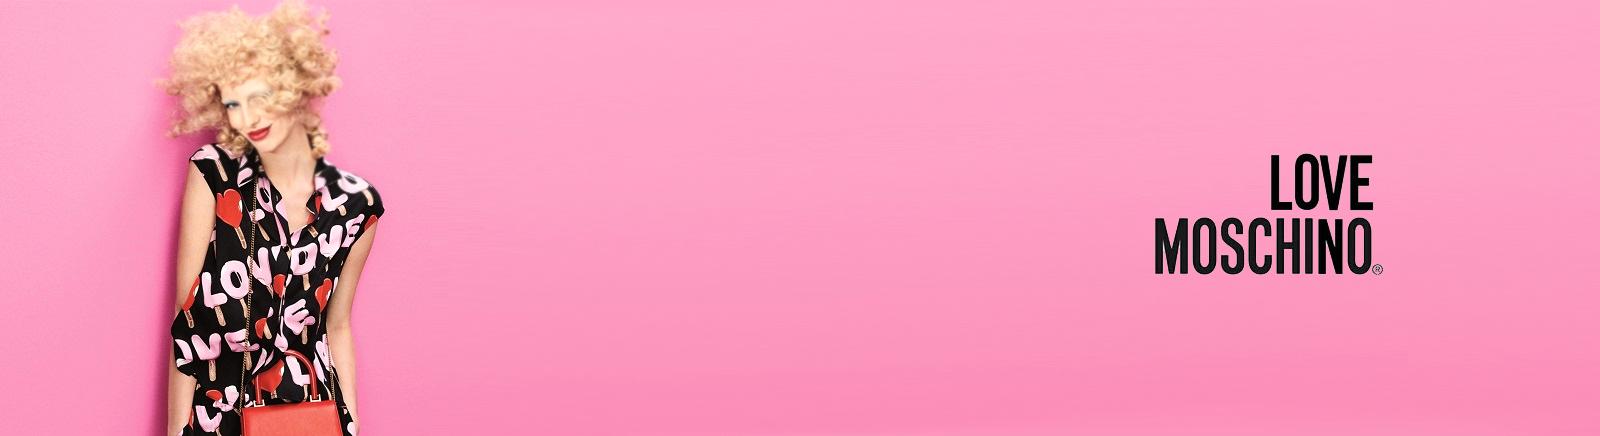 Love Moschino Kinderschuhe im Online-Shop von GISY kaufen